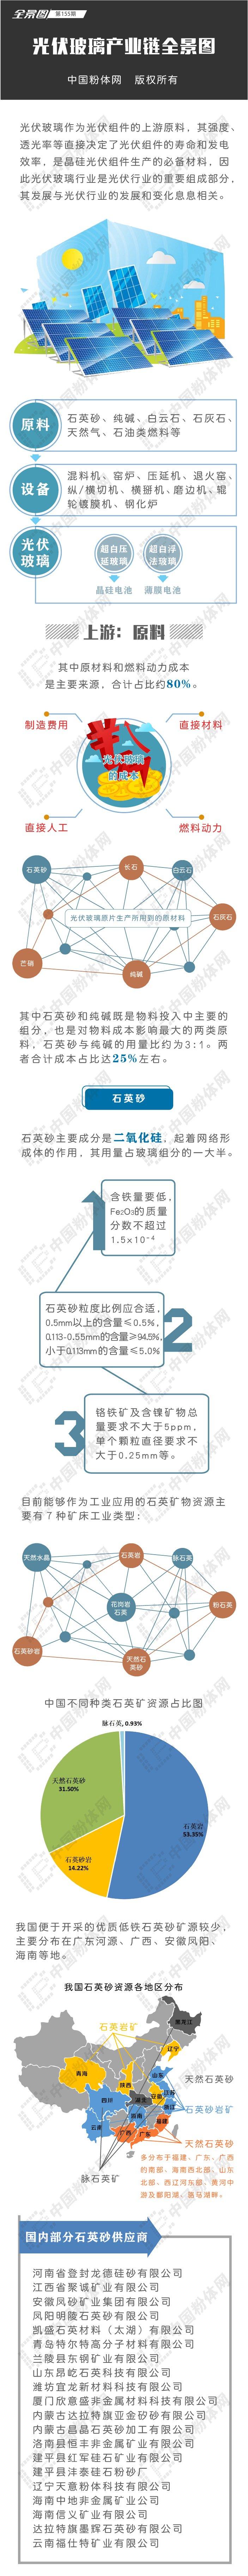 光伏玻璃产业链全景图.jpg